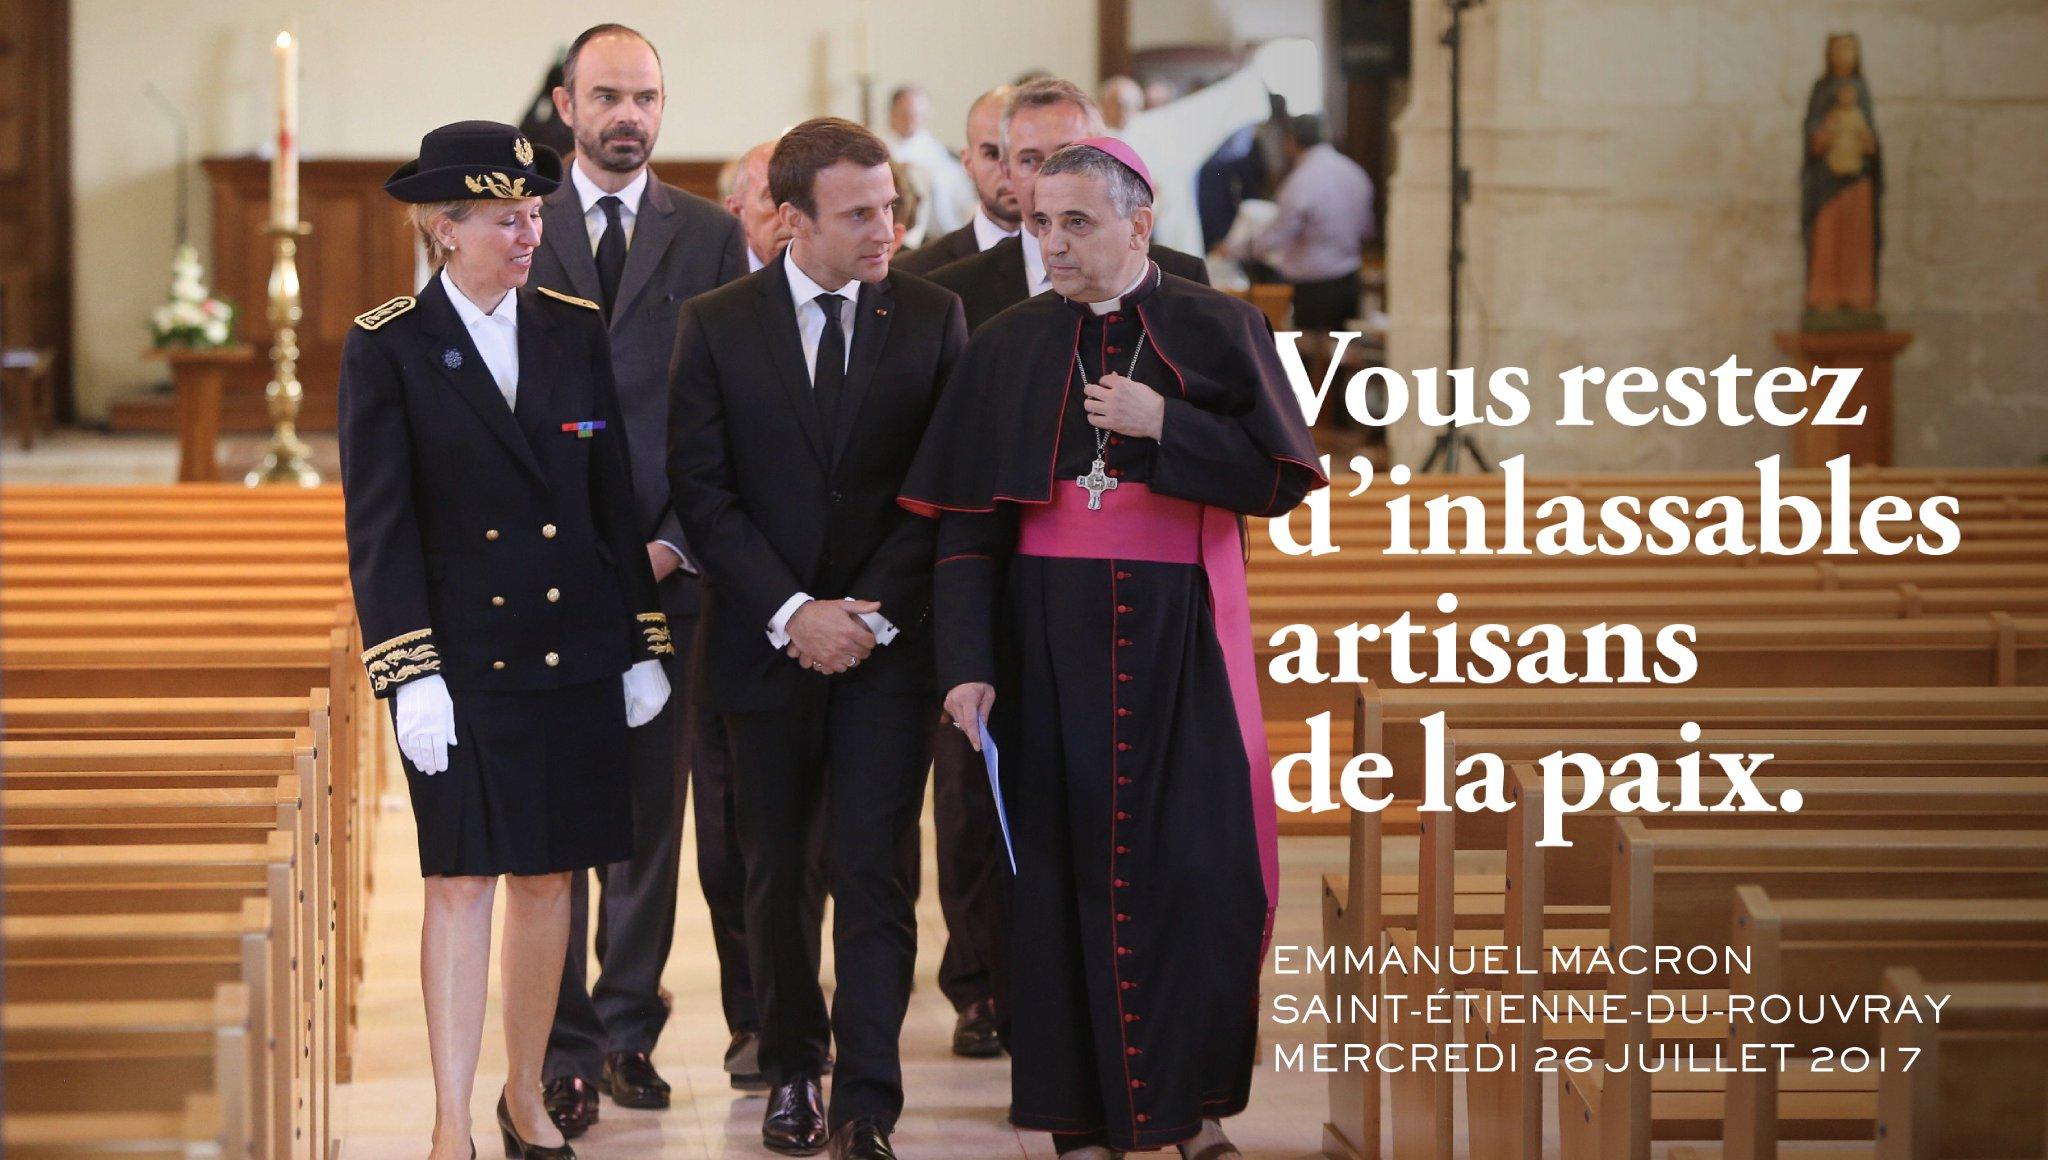 En ces temps troublés où tant de vos frères catholiques dans le monde subissent le terrorisme et la persécution ... https://t.co/l6wcPGxfGU